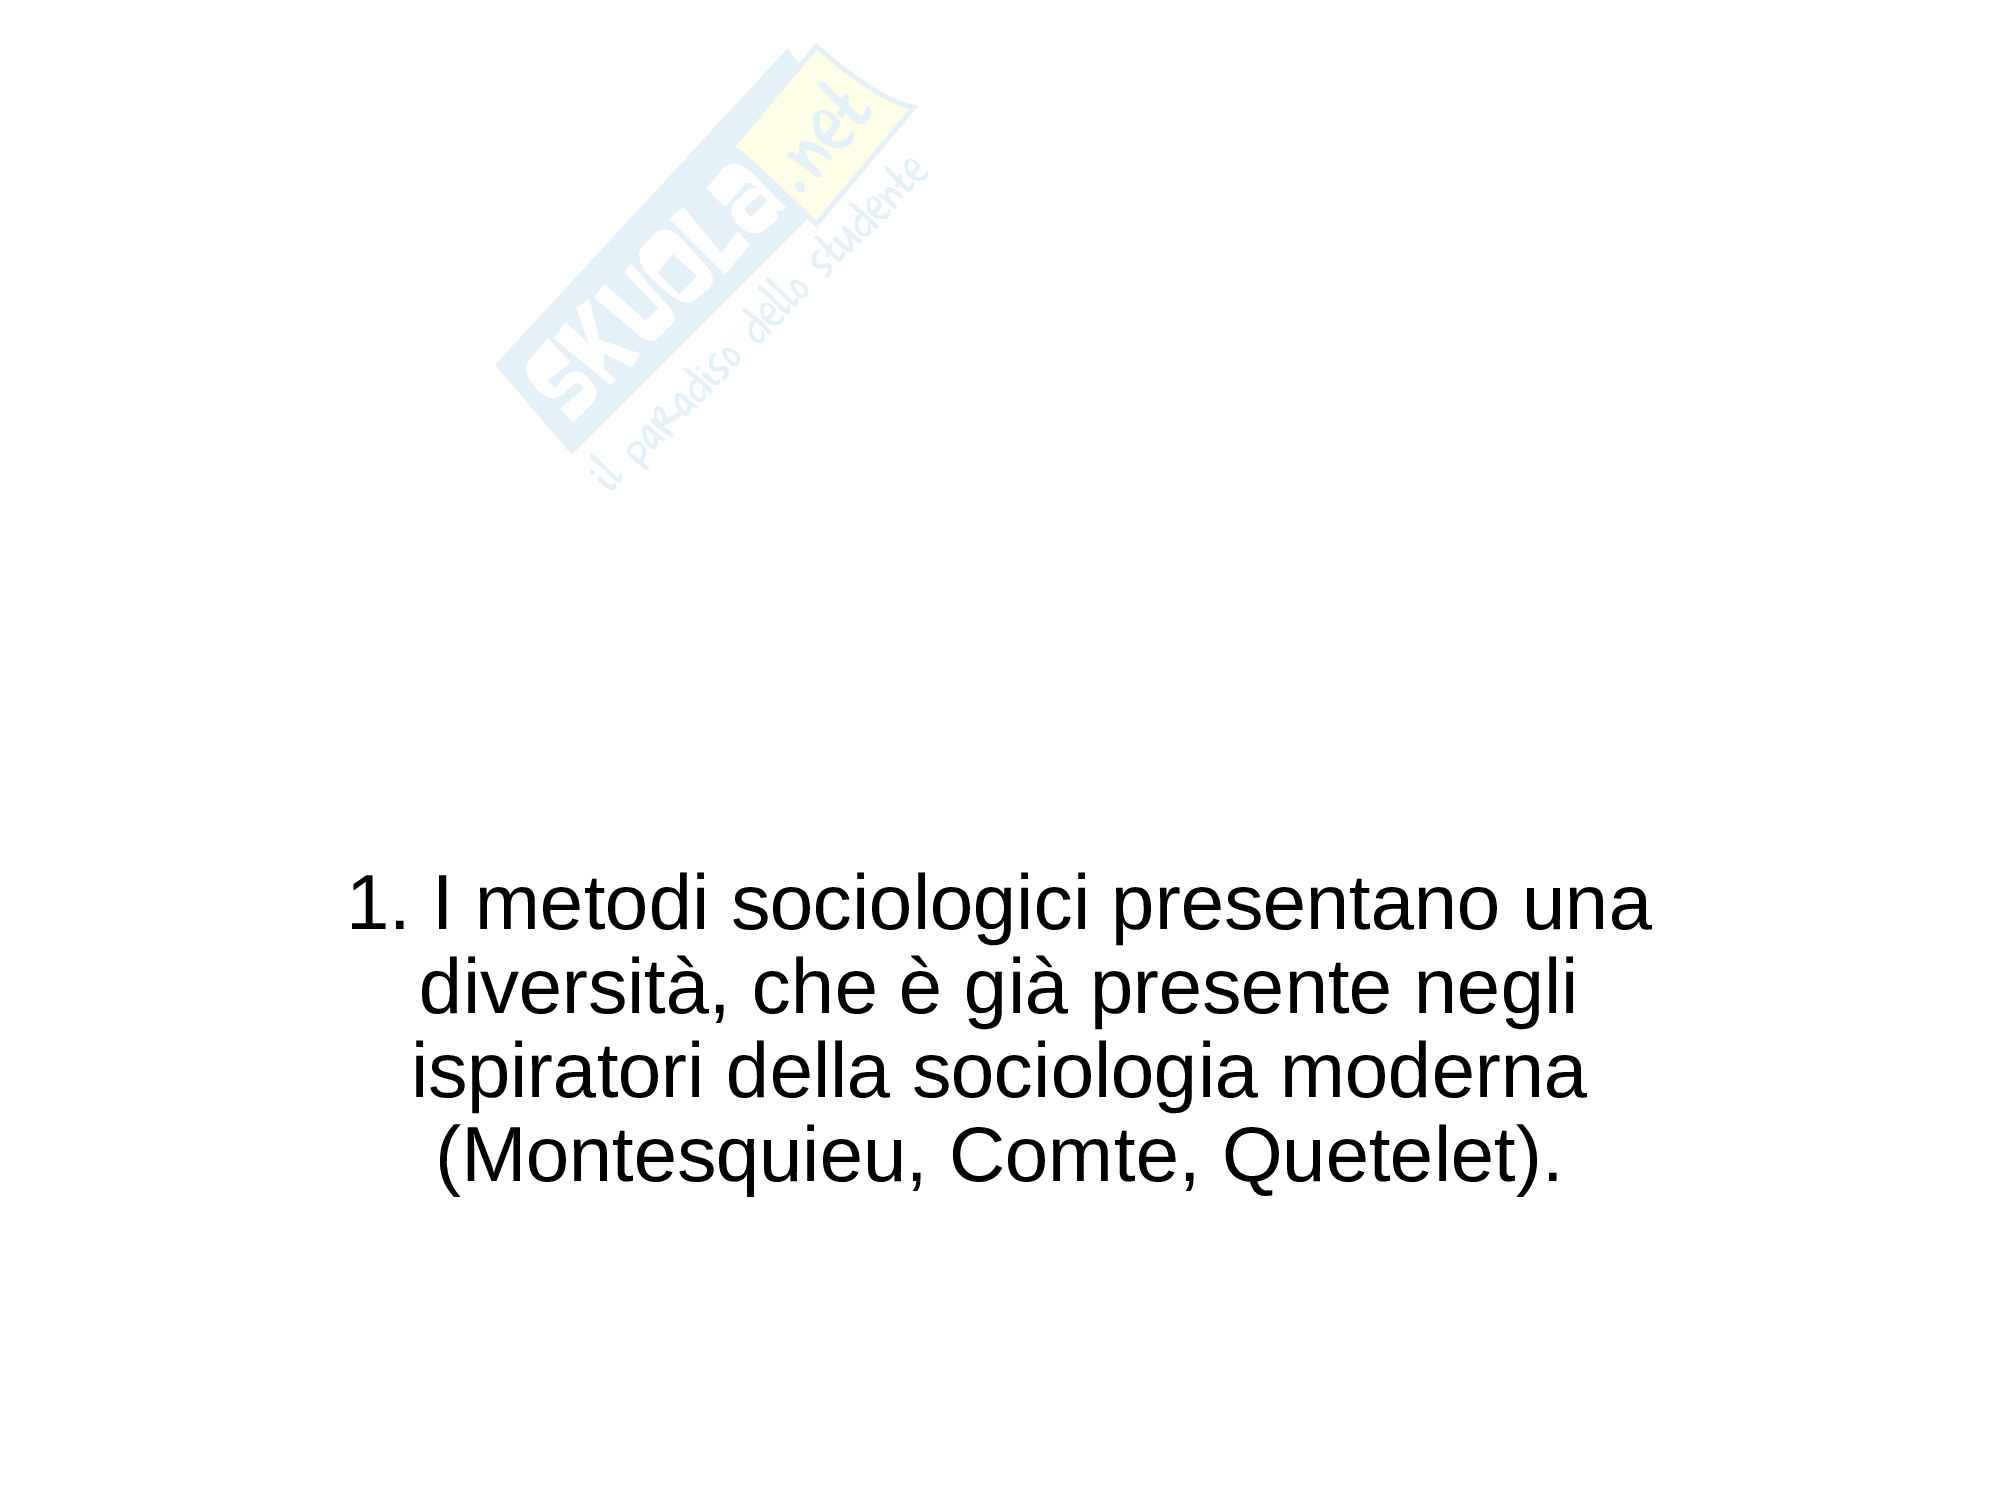 Riassunto esame Metodologia della ricerca sociale, prof. Selvaggio, libro consigliato Metodologia della ricerca sociologica, Boudon Pag. 1